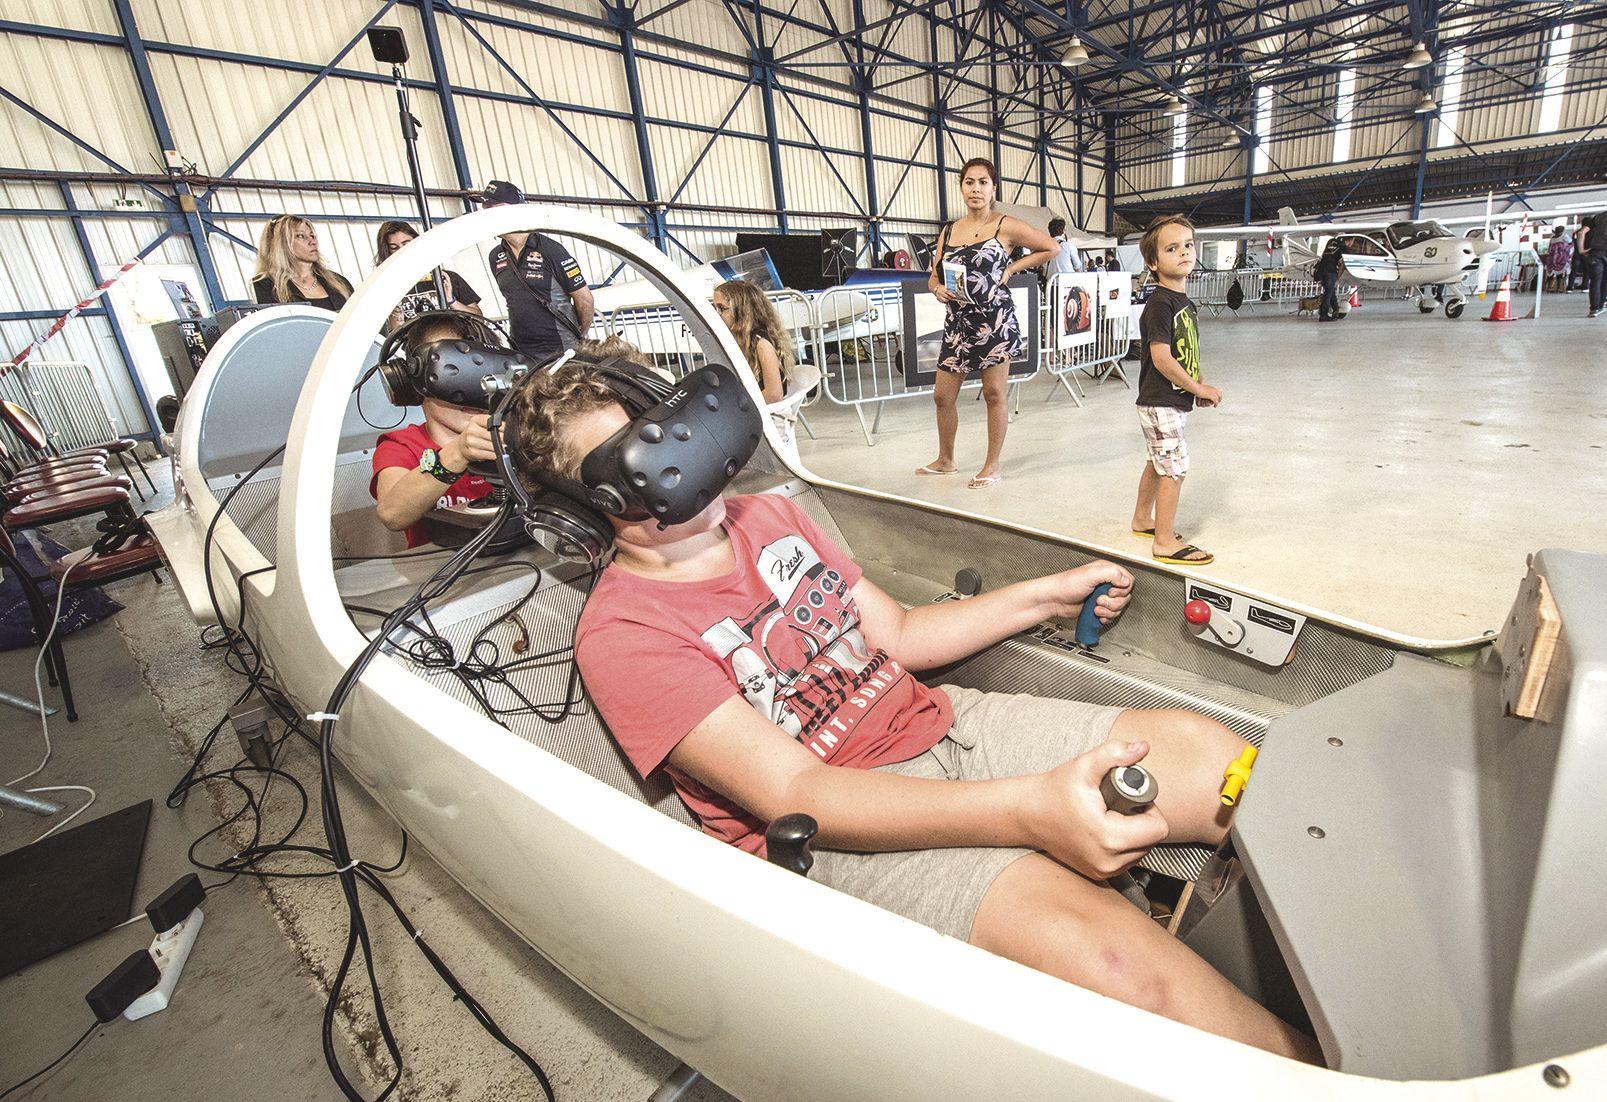 Autre attraction de ce week-end, le vol en réalité virtuelle, dans un cockpit aménagé. L'aéro-club avait multiplié les invités : la fédération d'aéronautique, la Direction de l'aviation civile ou l'armée de l'air animaient des stands.